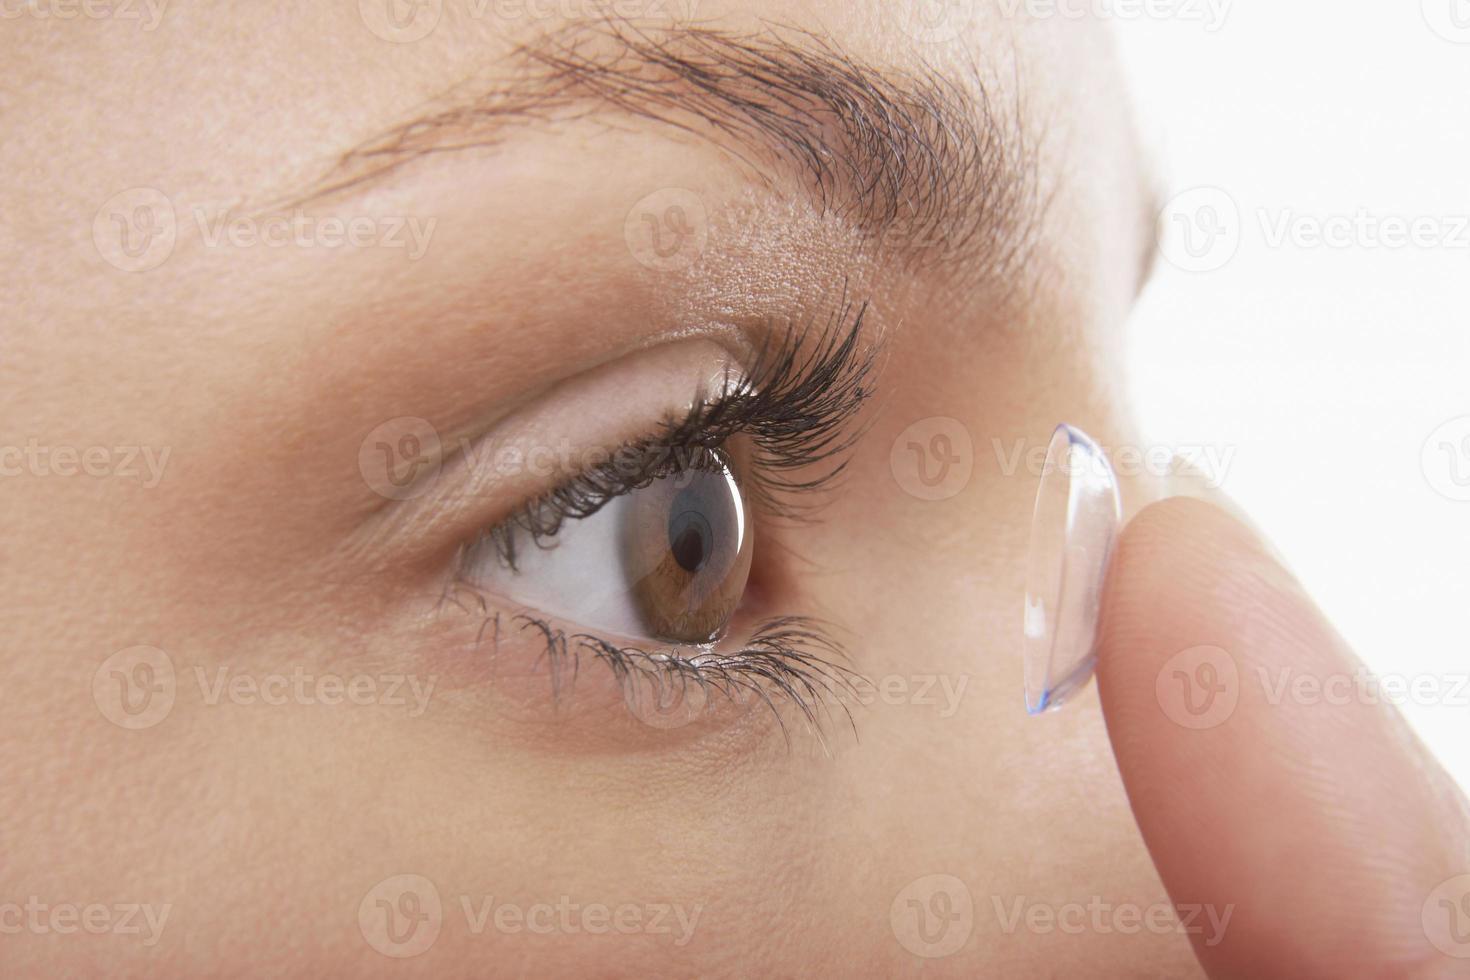 femme, mettre, lentille contact photo